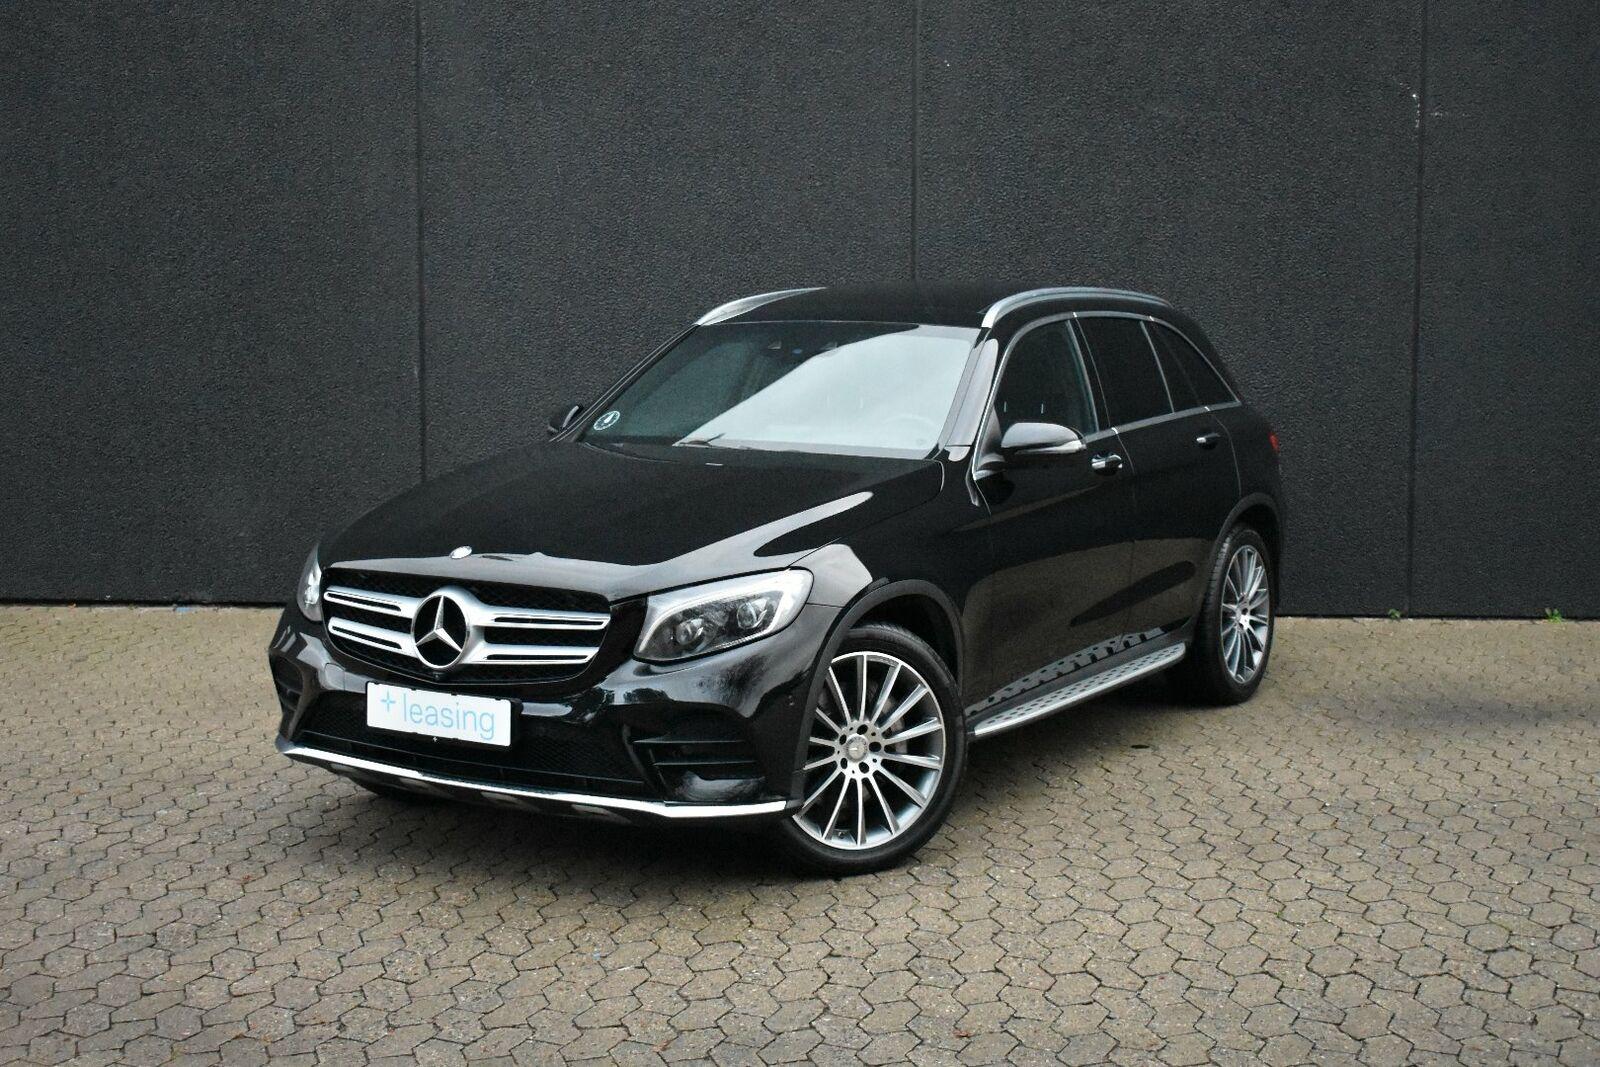 Mercedes GLC250 d 2,2 AMG Line aut. 4-M 5d - 3.998 kr.